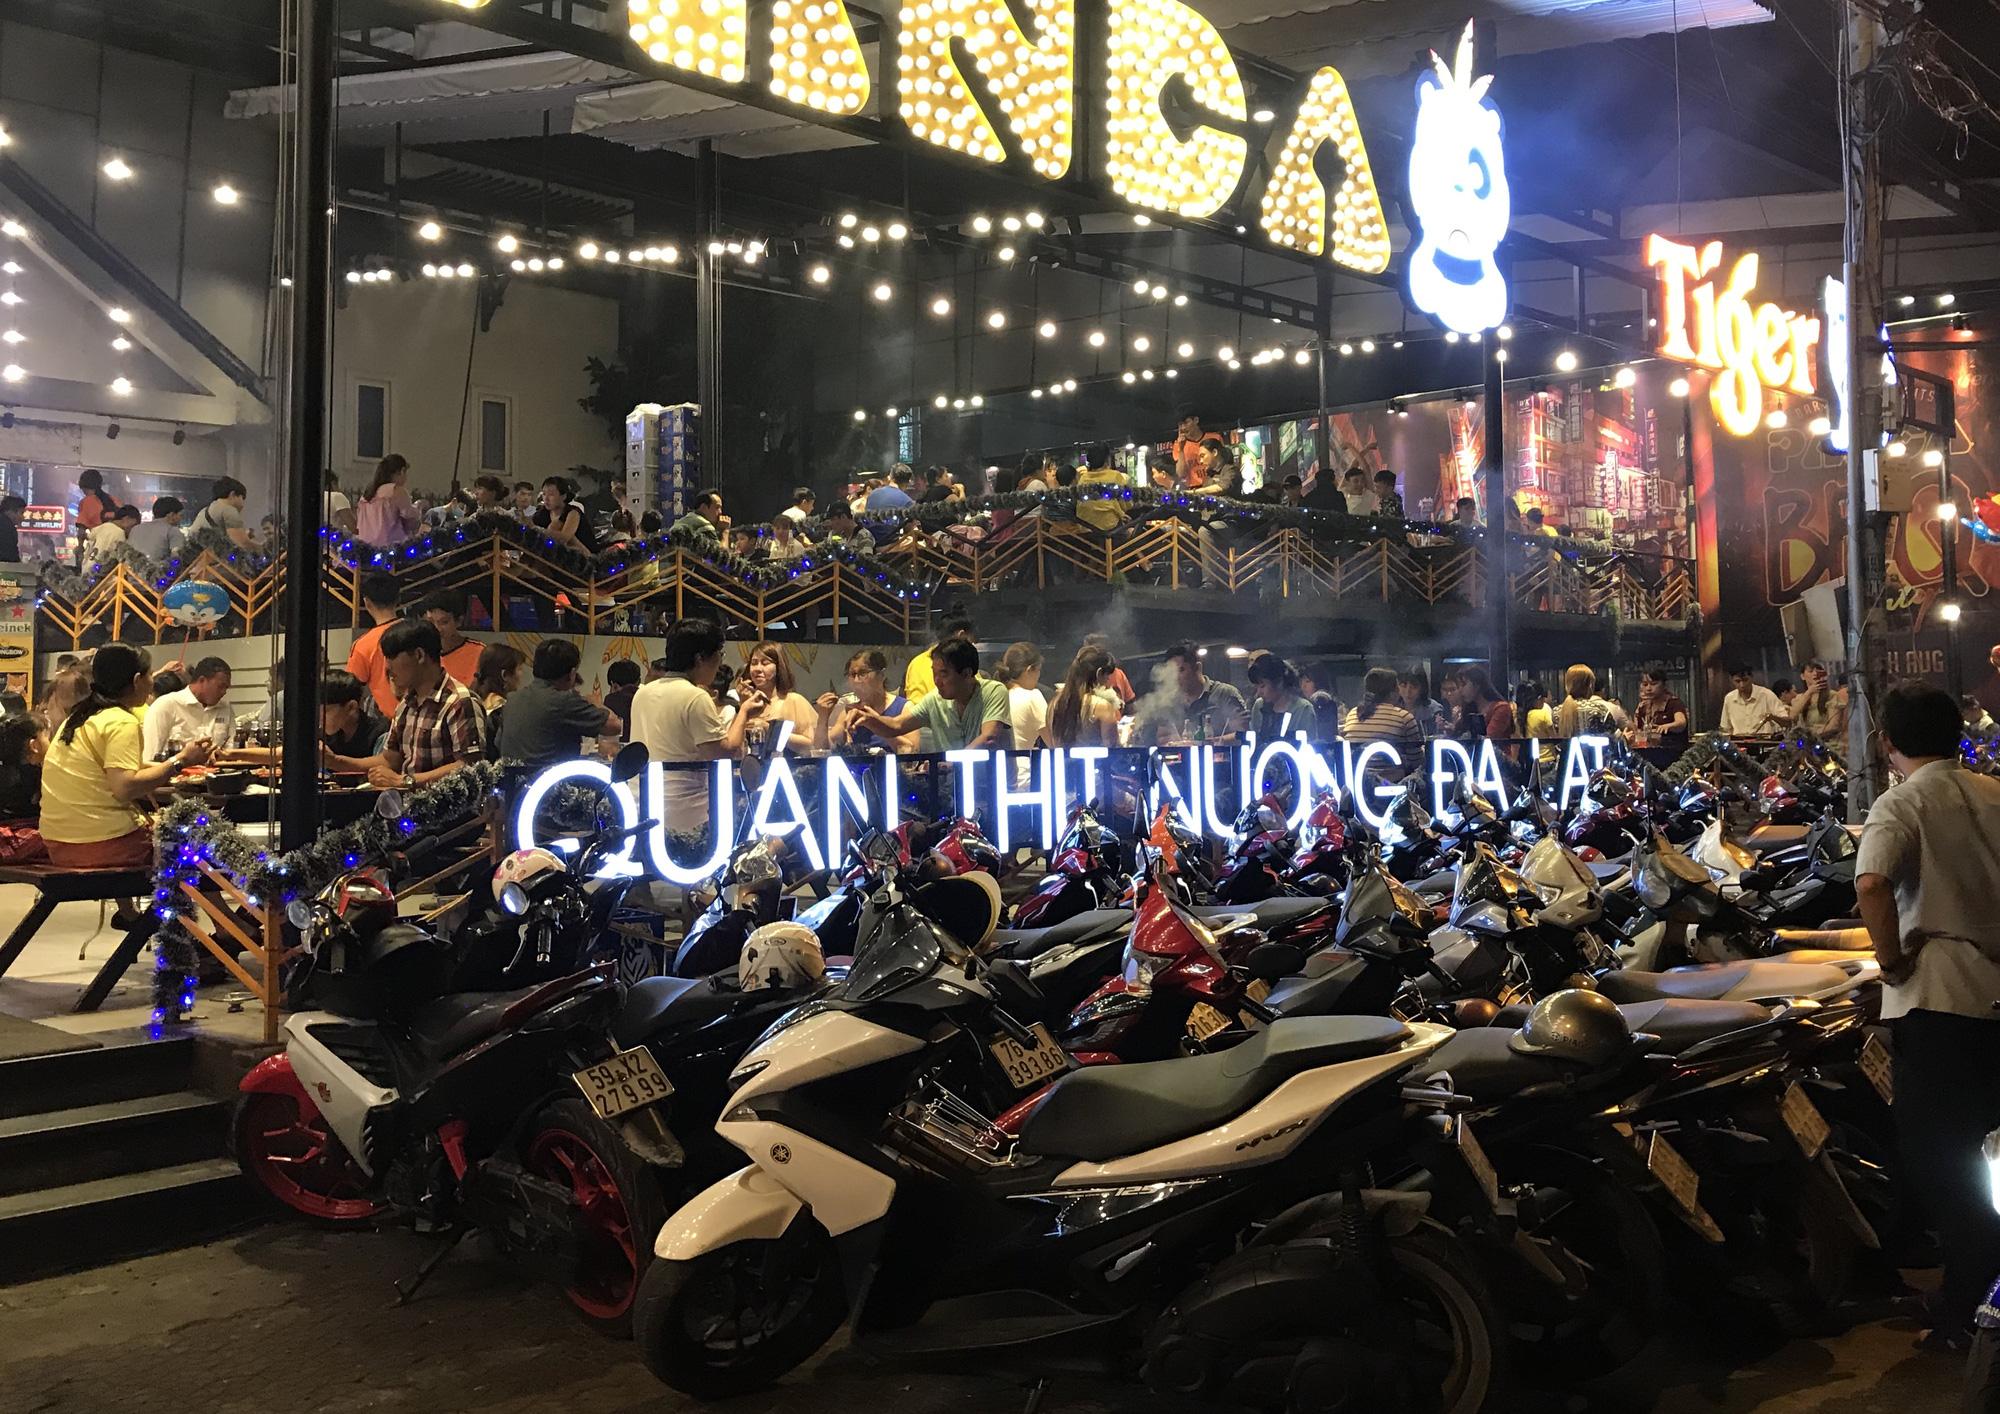 Hàng quán Sài Gòn còn ăn Tết, đóng cửa im ỉm, chưa khai trương dù đã bước qua mùng 7 - Ảnh 12.